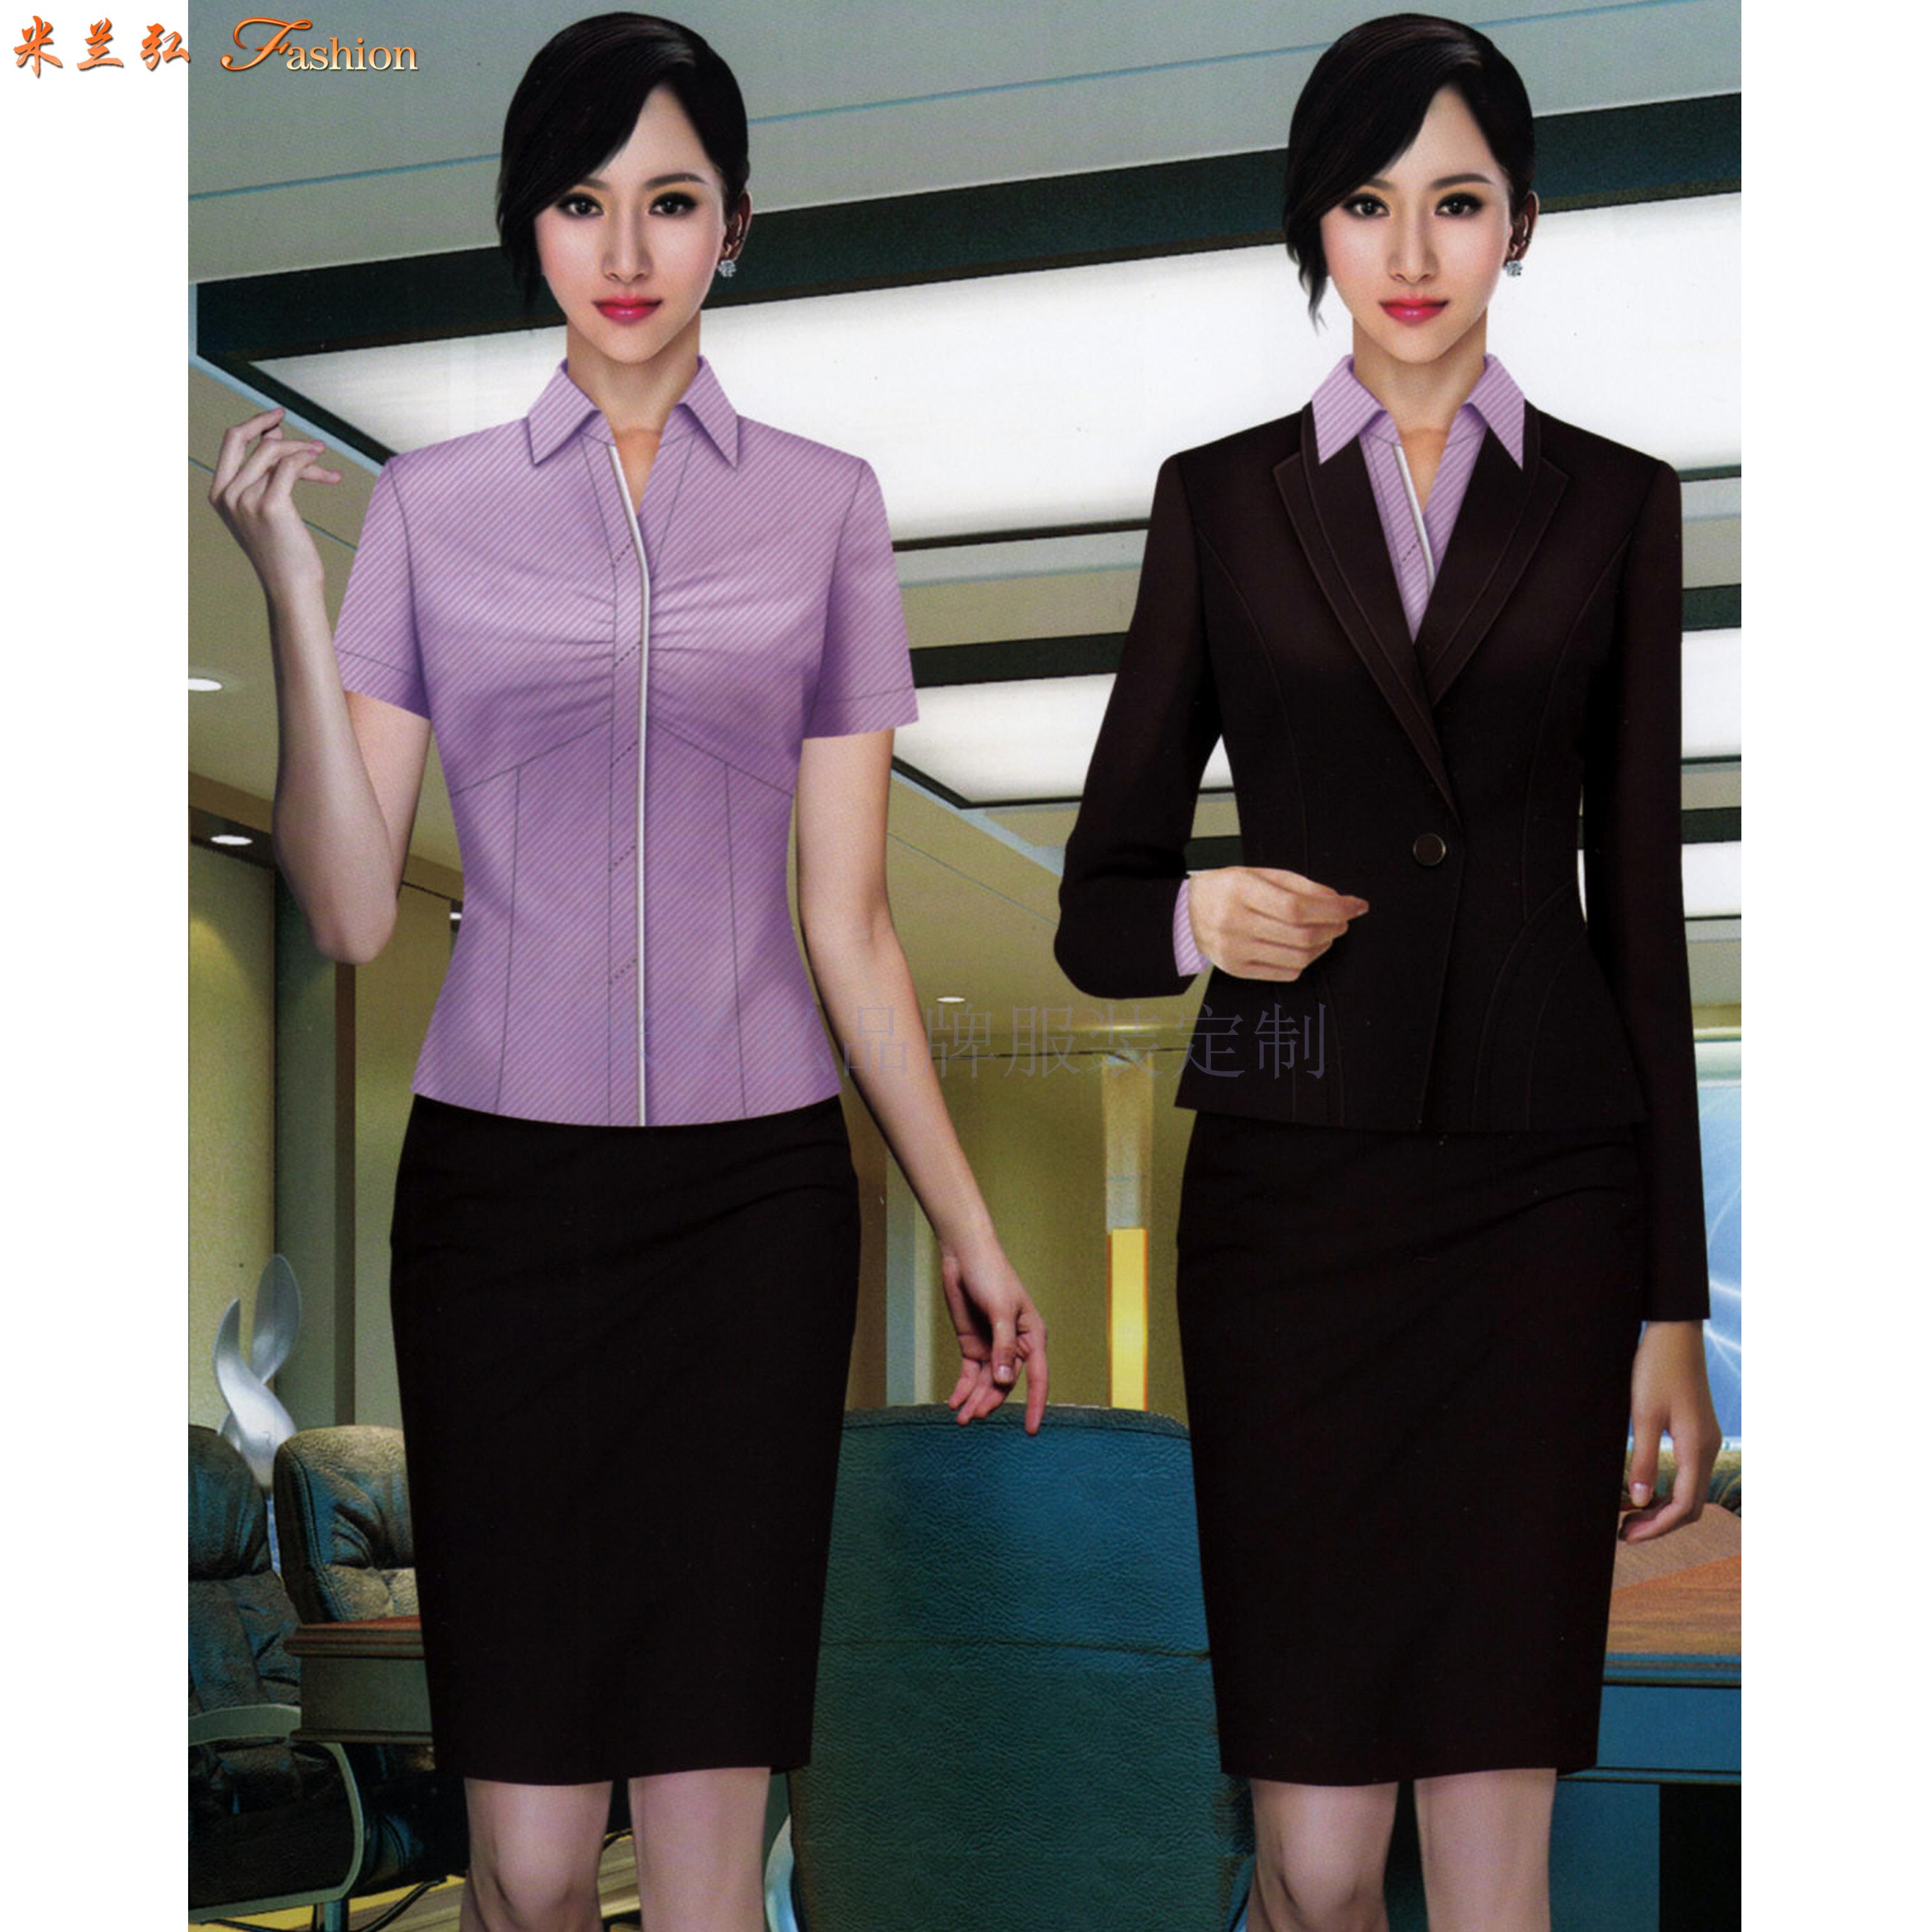 「太原正裝定制」「古交市西裝訂制」推薦性價比高的米蘭弘服裝-2